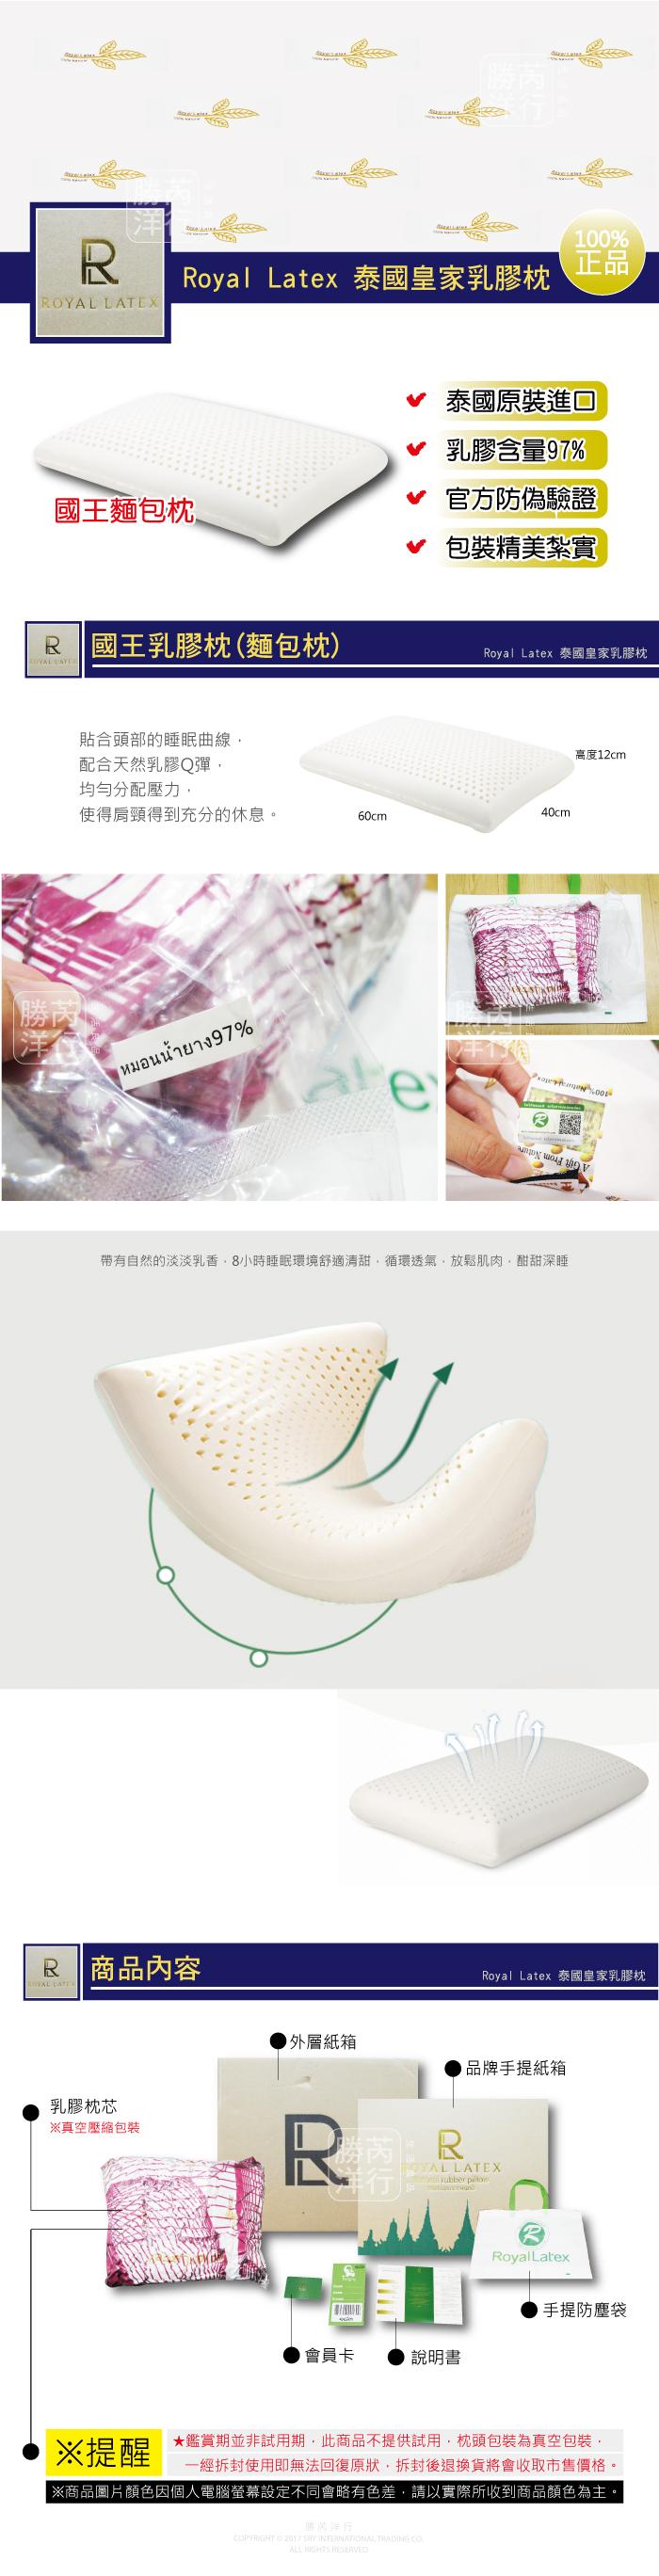 泰國乳膠枕介紹(國王枕麵包枕)